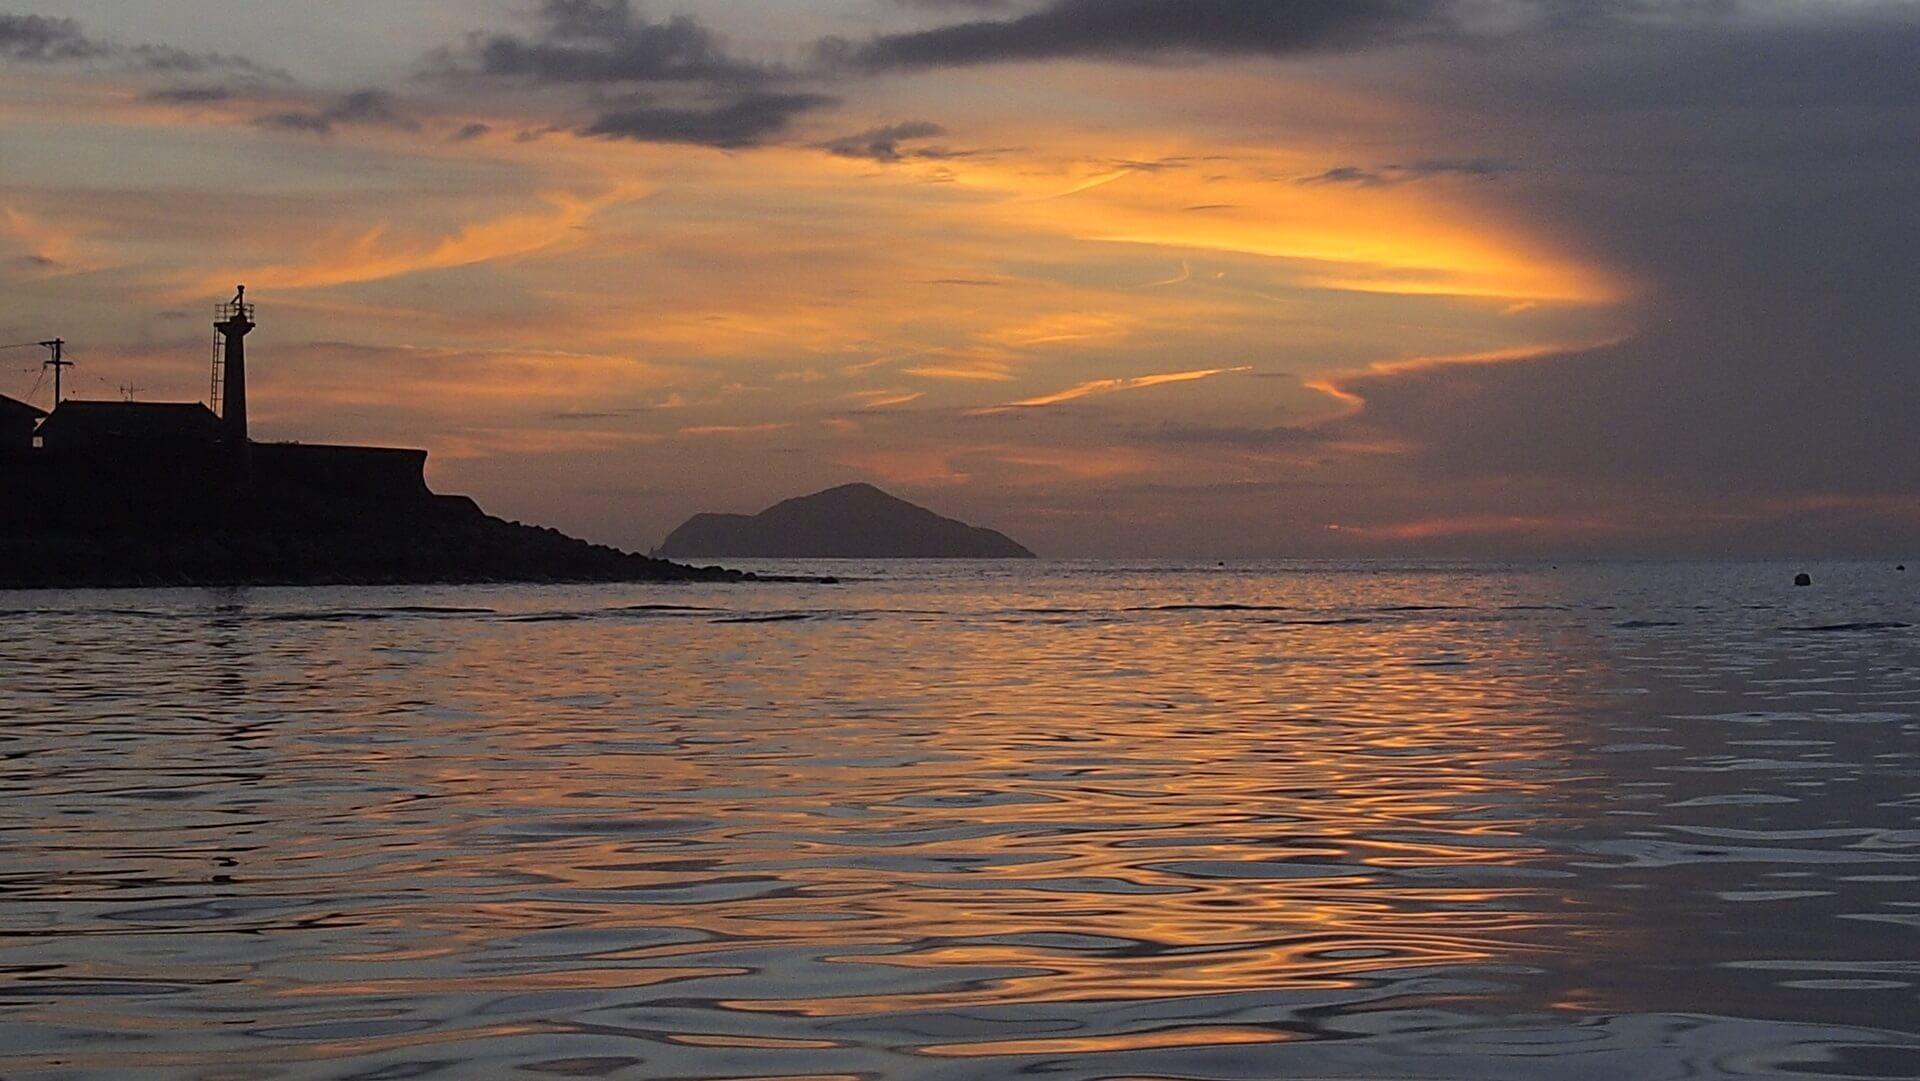 柏島の海の画像